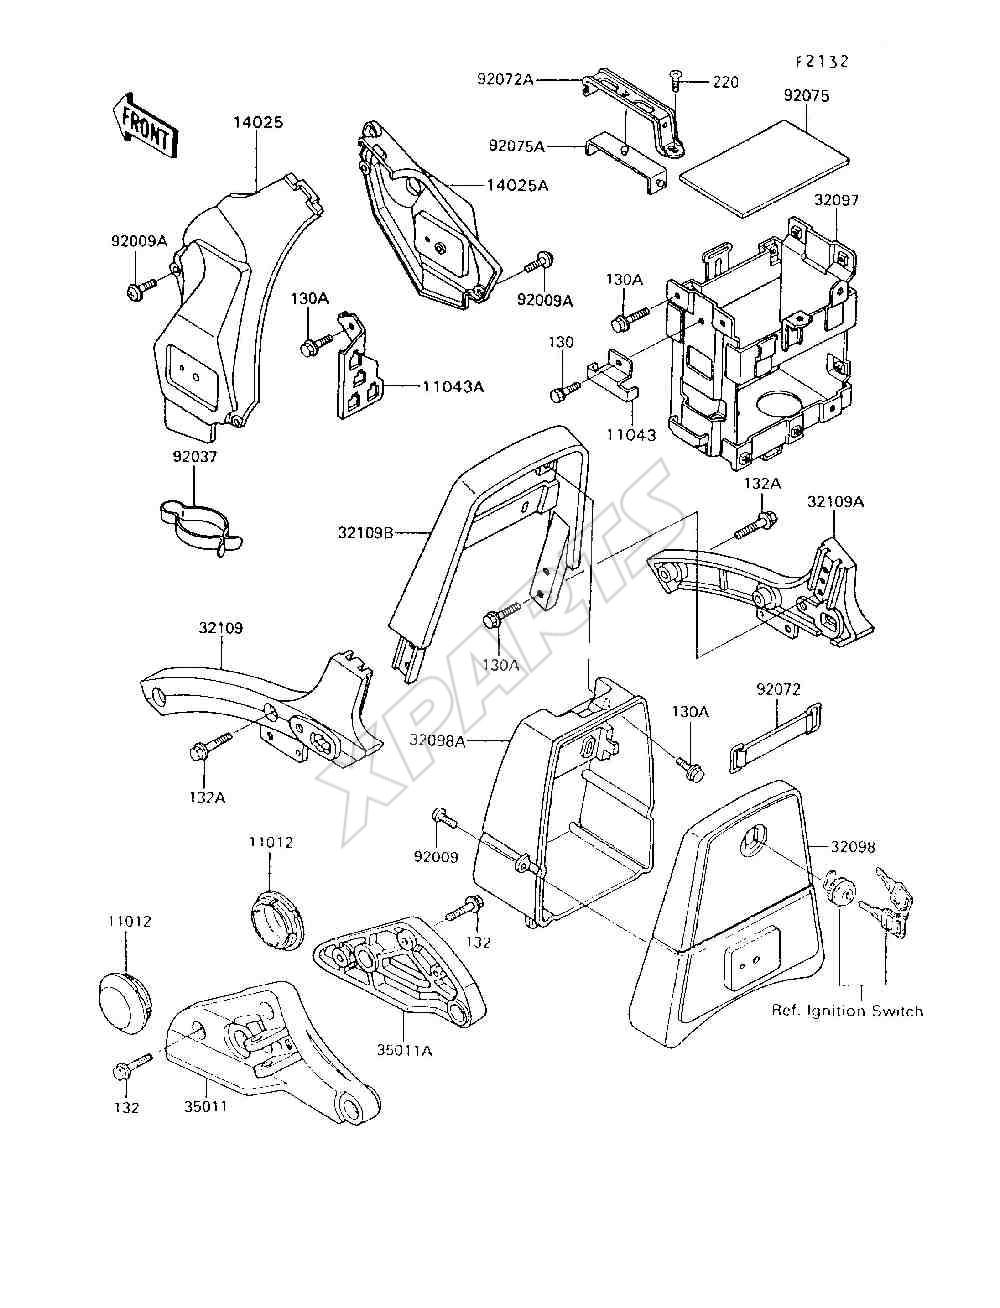 1995 Vulcan 750 Vn750 A11 Headlight Wiring Diagram Bild Fr Kategorie Battery Case